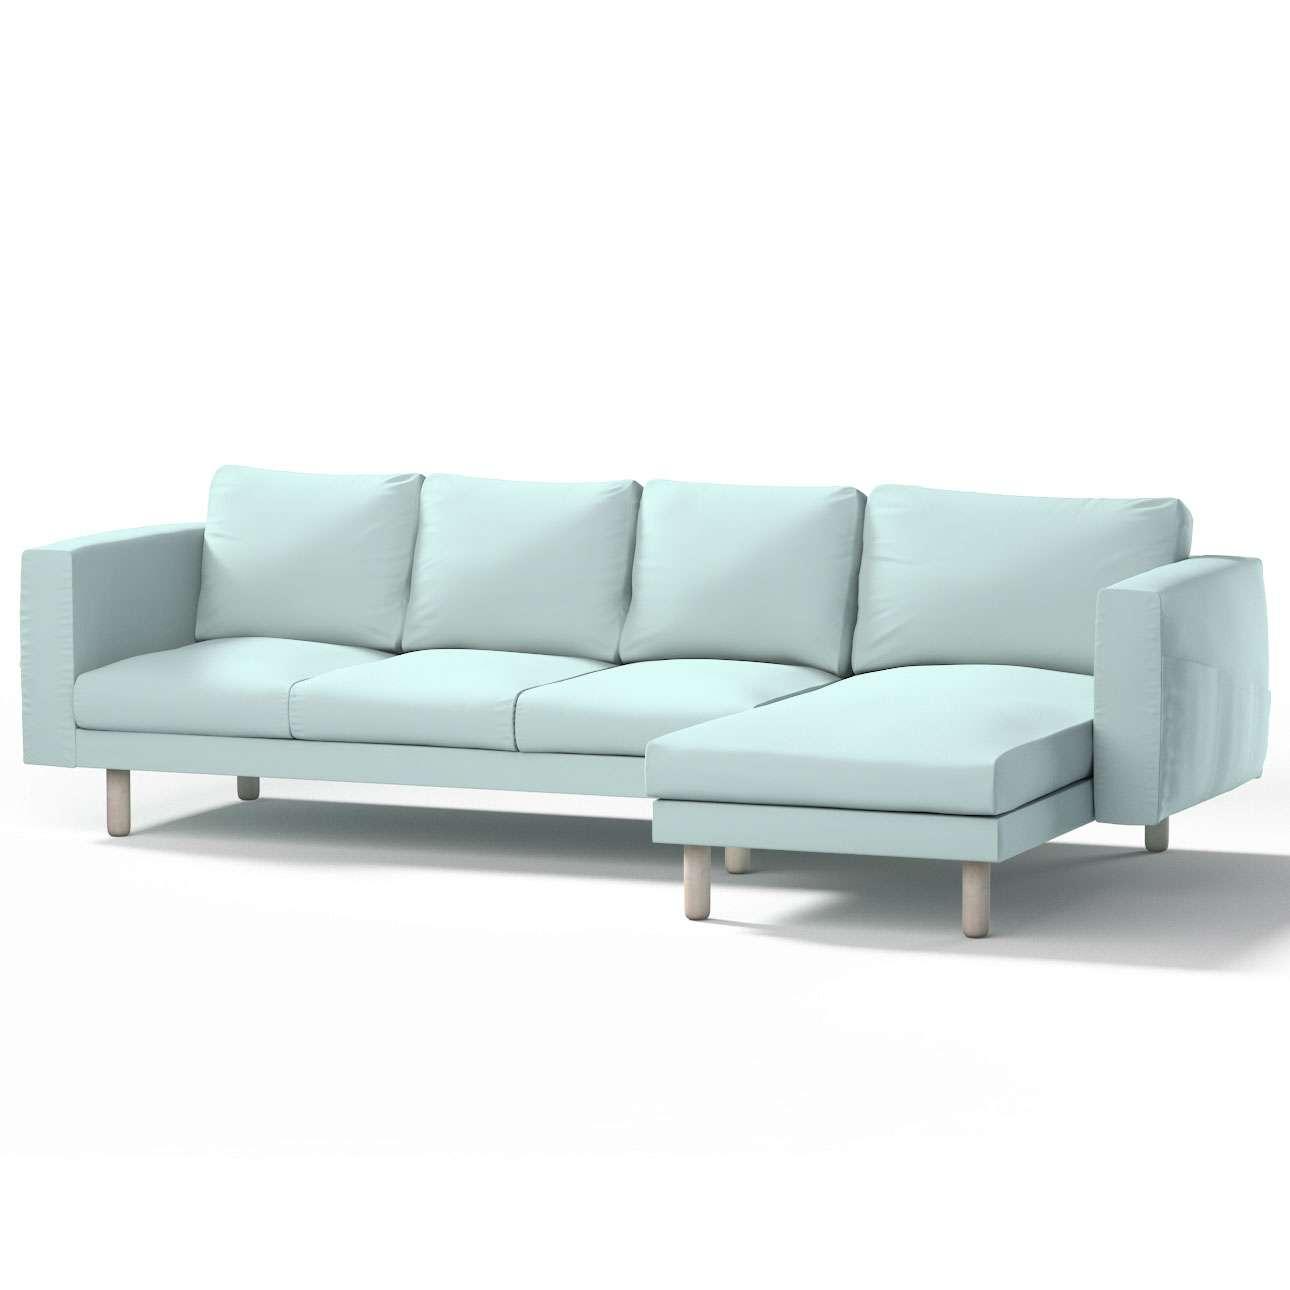 Pokrowiec na sofę Norsborg 4-osobową z szezlongiem w kolekcji Cotton Panama, tkanina: 702-10